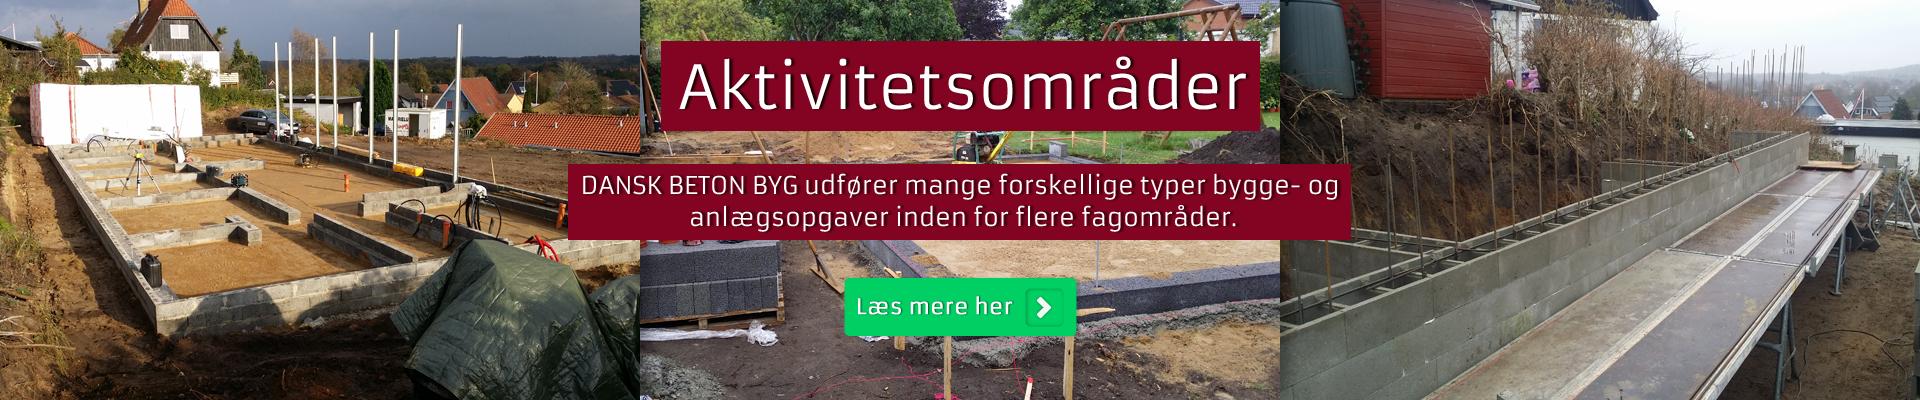 5-aktivitetsomraader-dansk-beton-byg